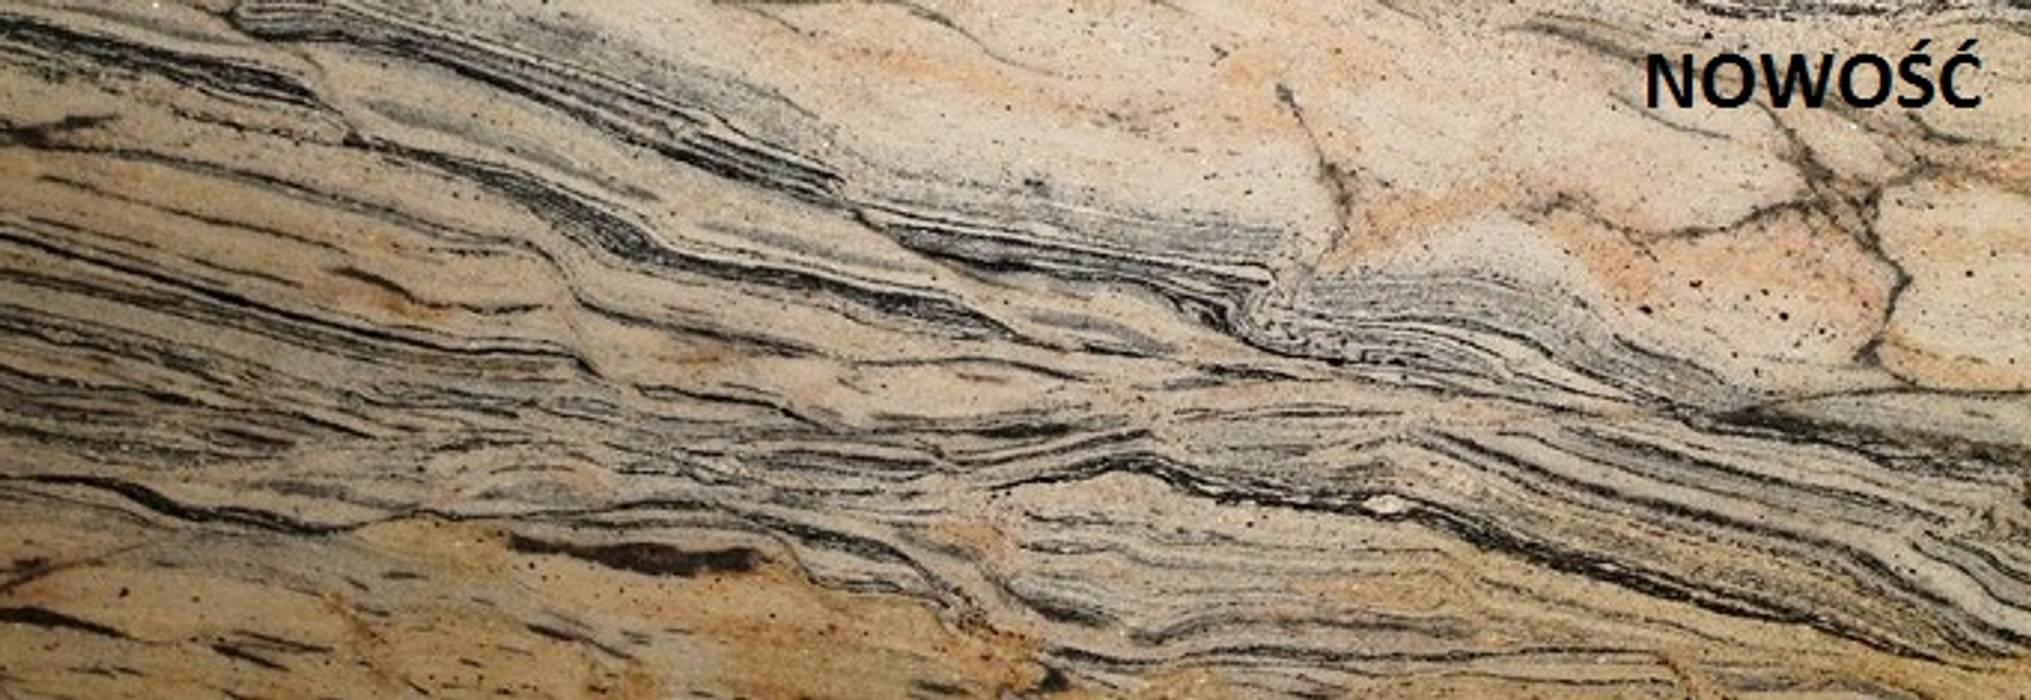 Merkam - Łódź ul. Św. Jerzego 9 KitchenBench tops Granite Beige